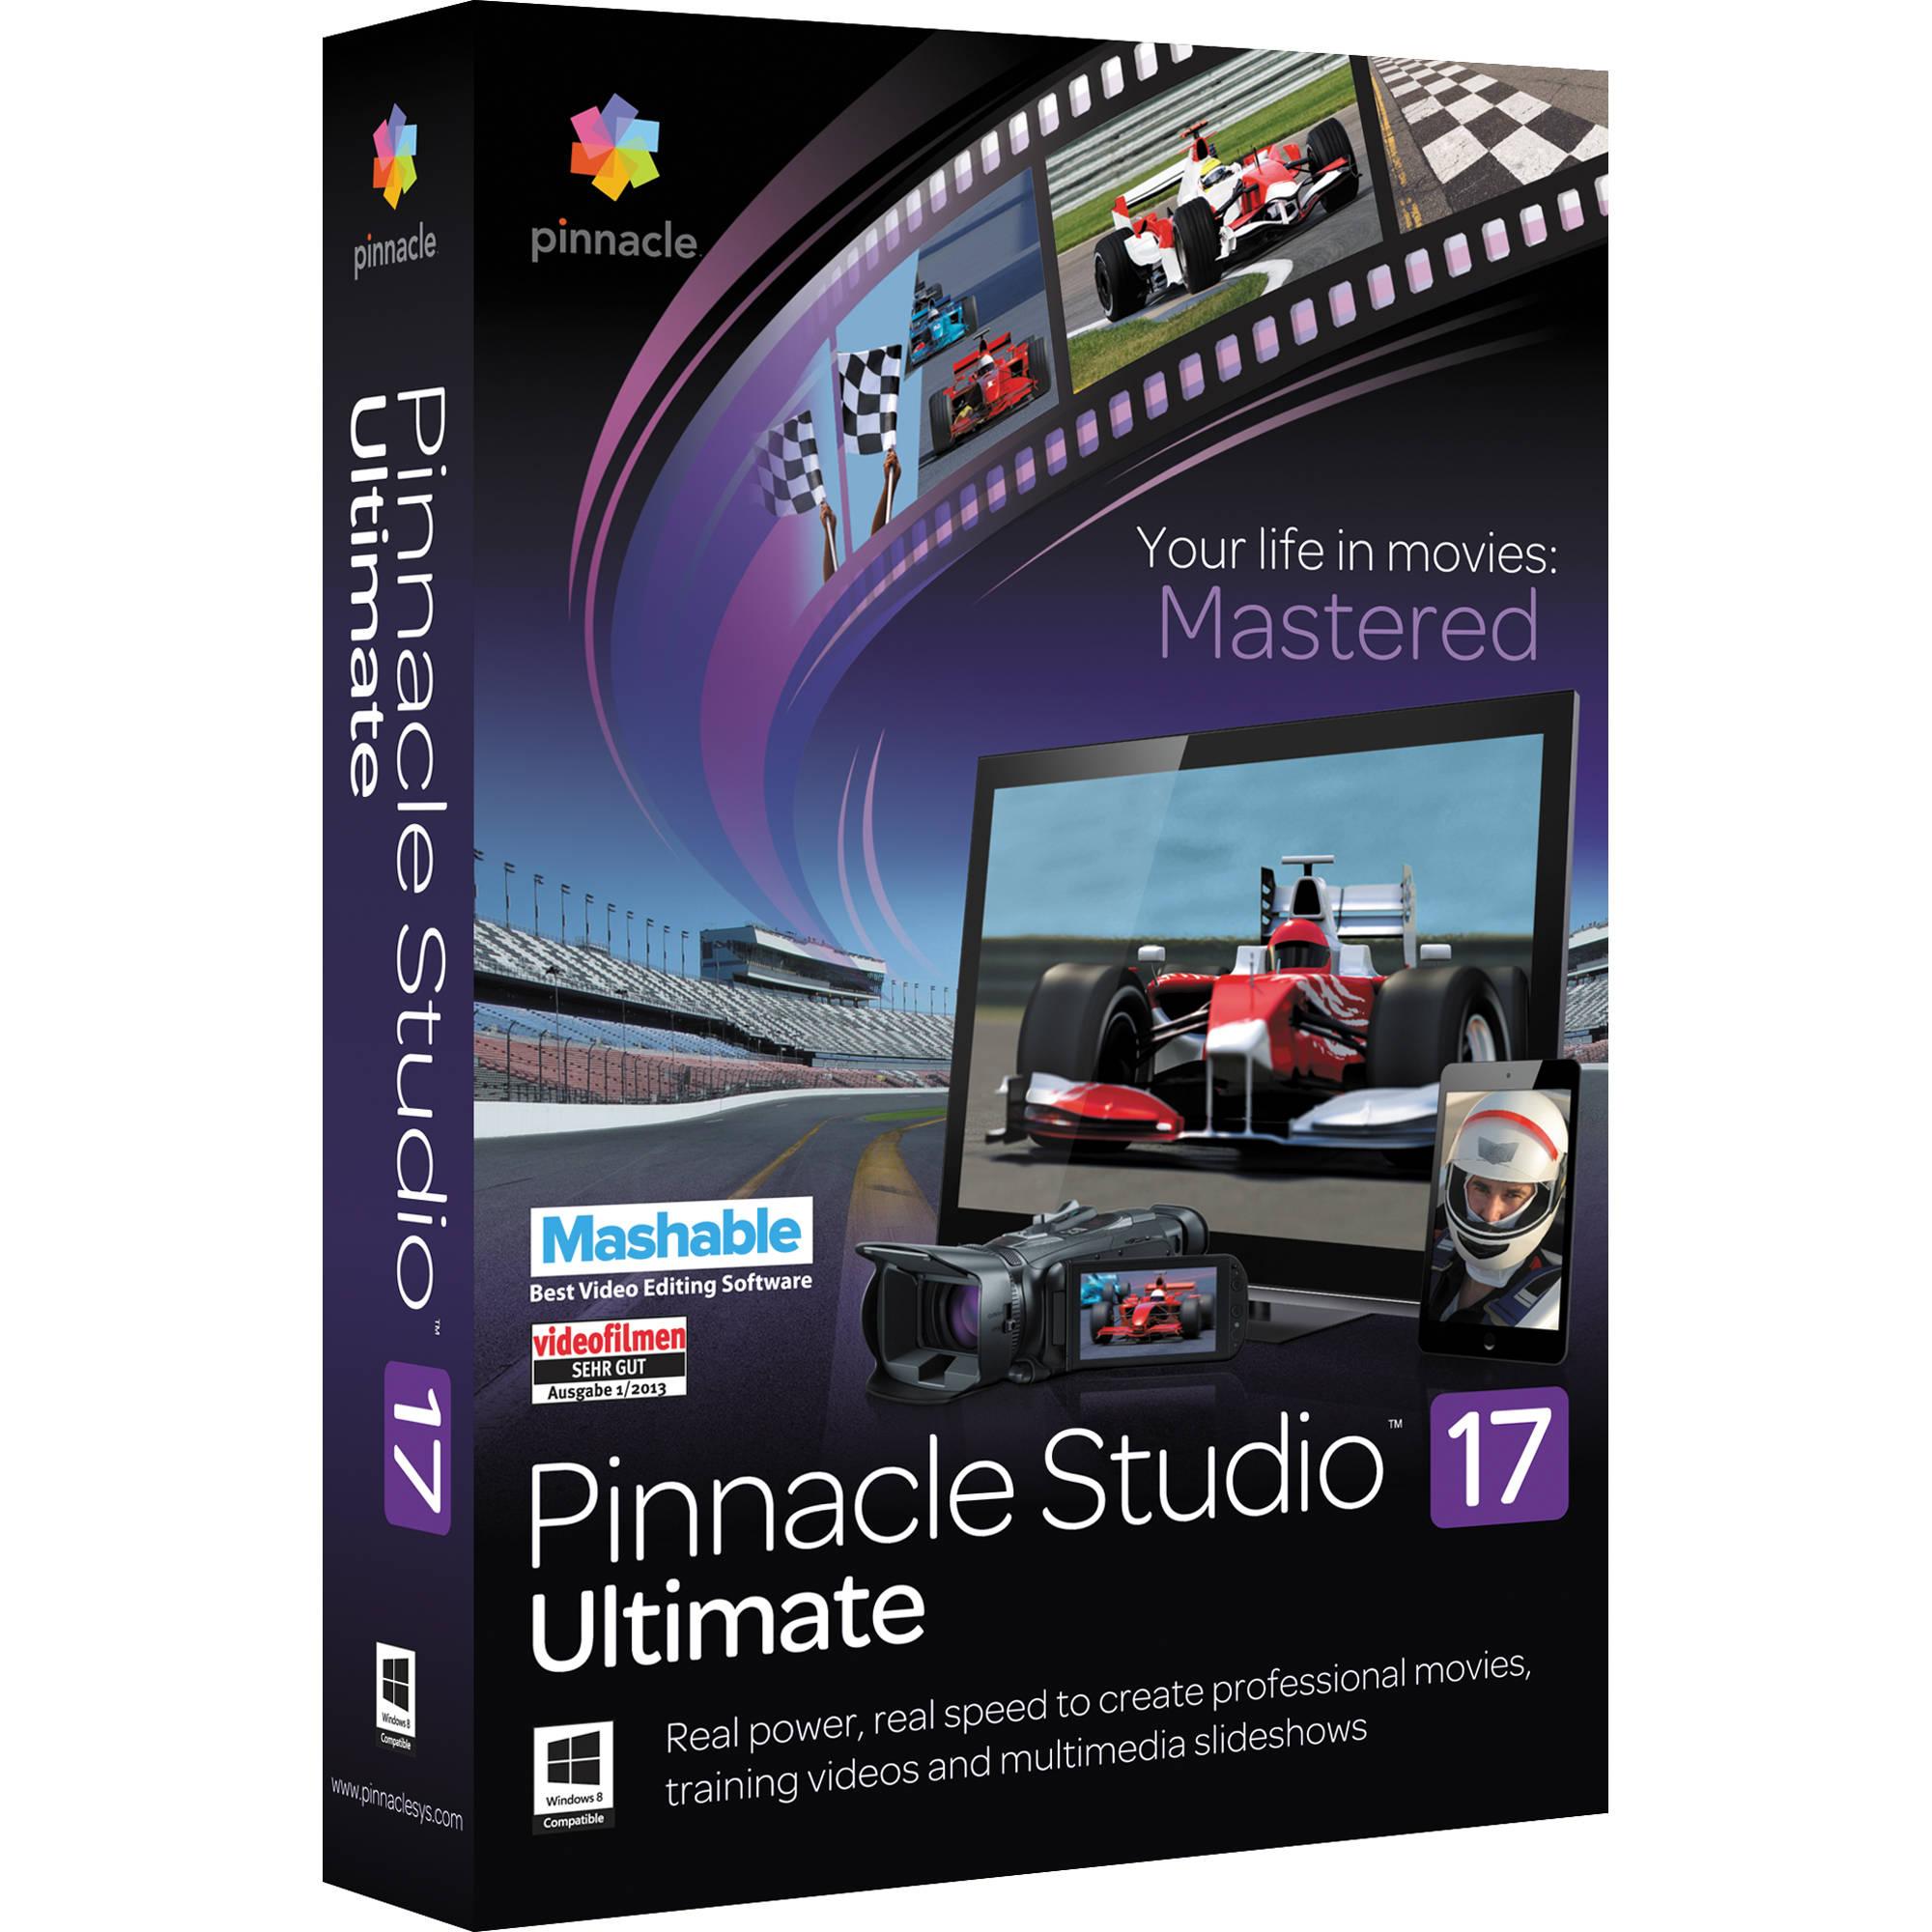 Pinnacle Studio 17 Ultimate 64 bit